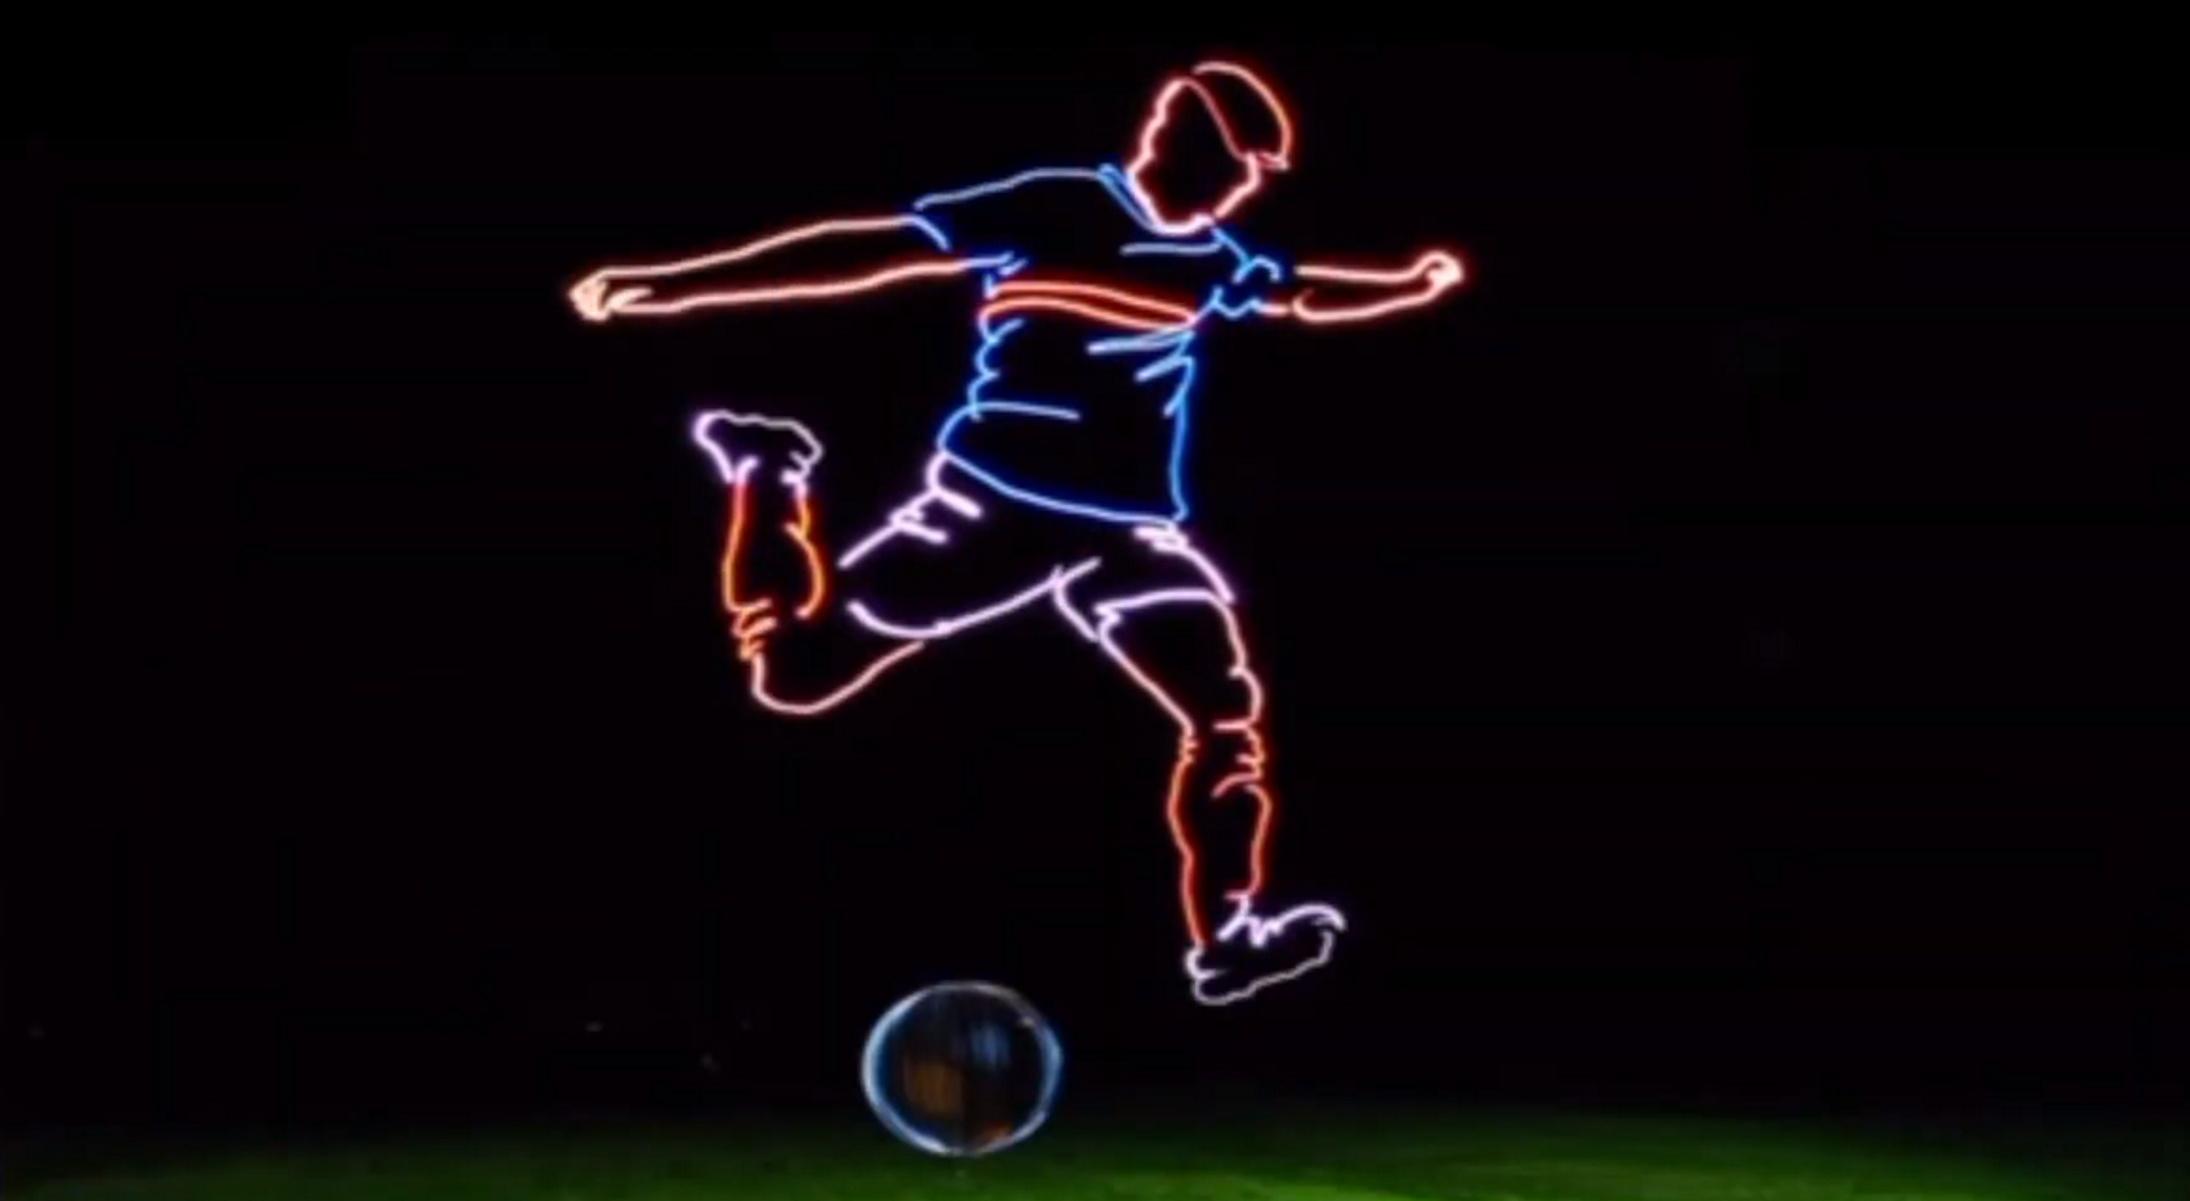 Υπέροχο γκολ – Πέντε drones «ζωγράφισαν» έναν γιγαντιαίο ποδοσφαιριστή στον ουρανό (video)